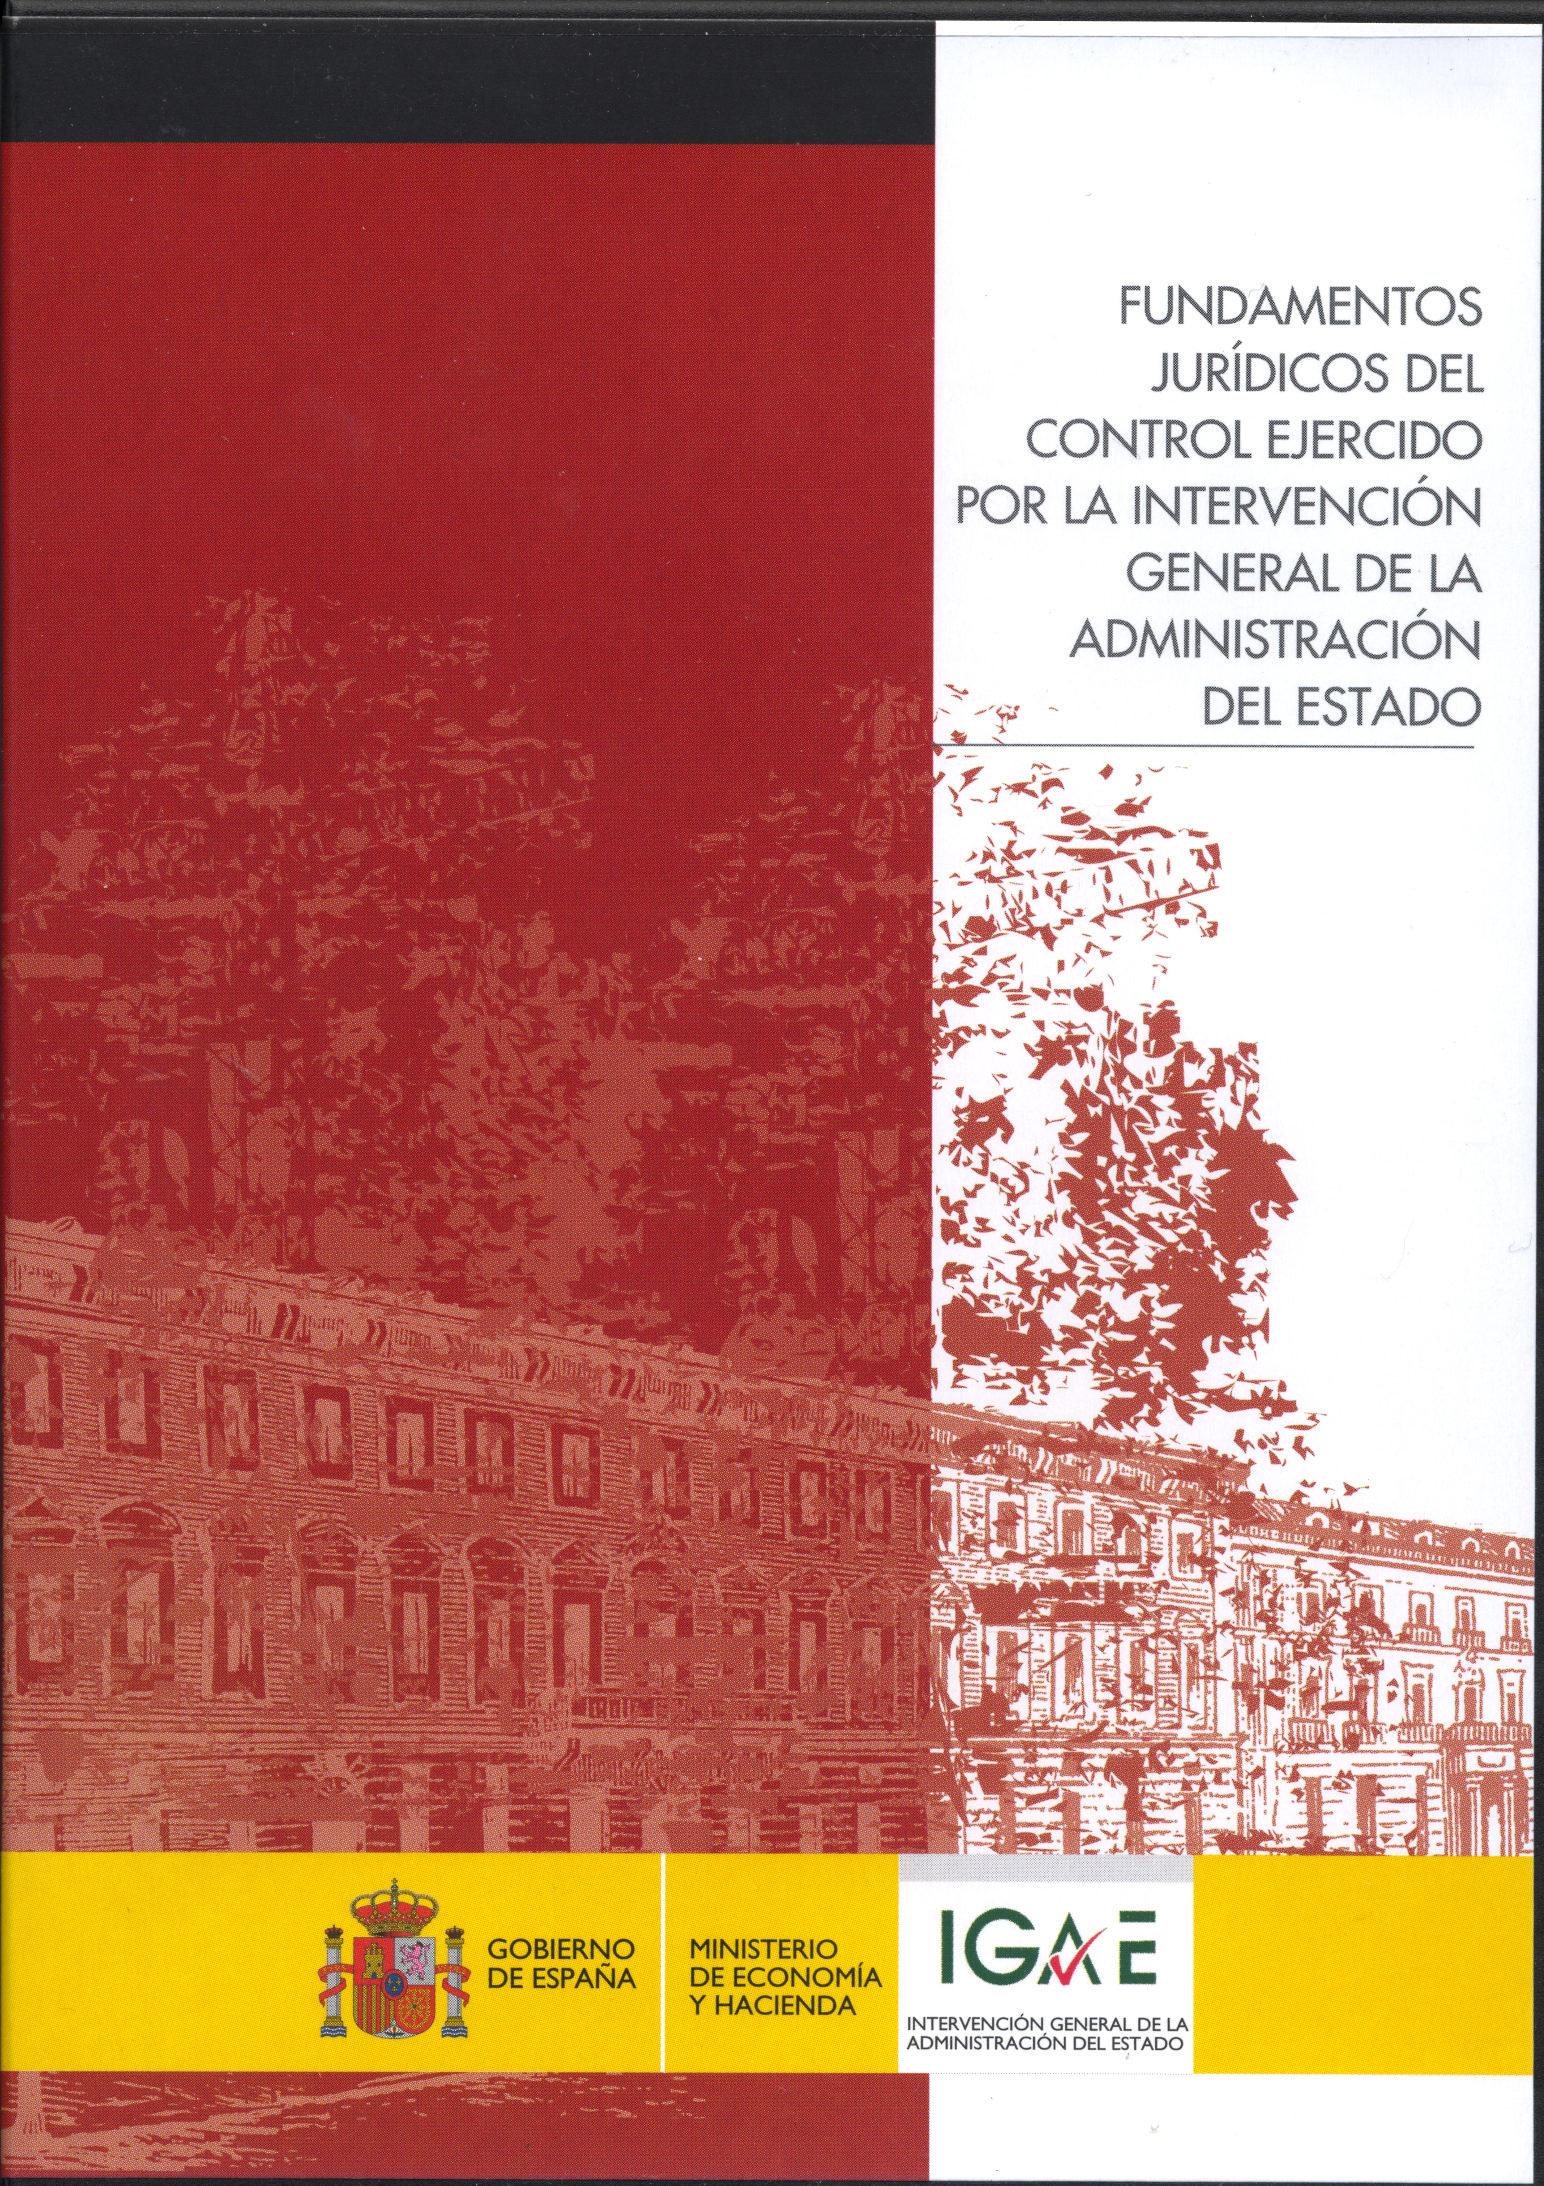 Fundamentos Juridicos Del Control Ejercido Por La Intervencion Ge Neral De La Administracion Del Estado por Juan Jose Herrera Campa epub